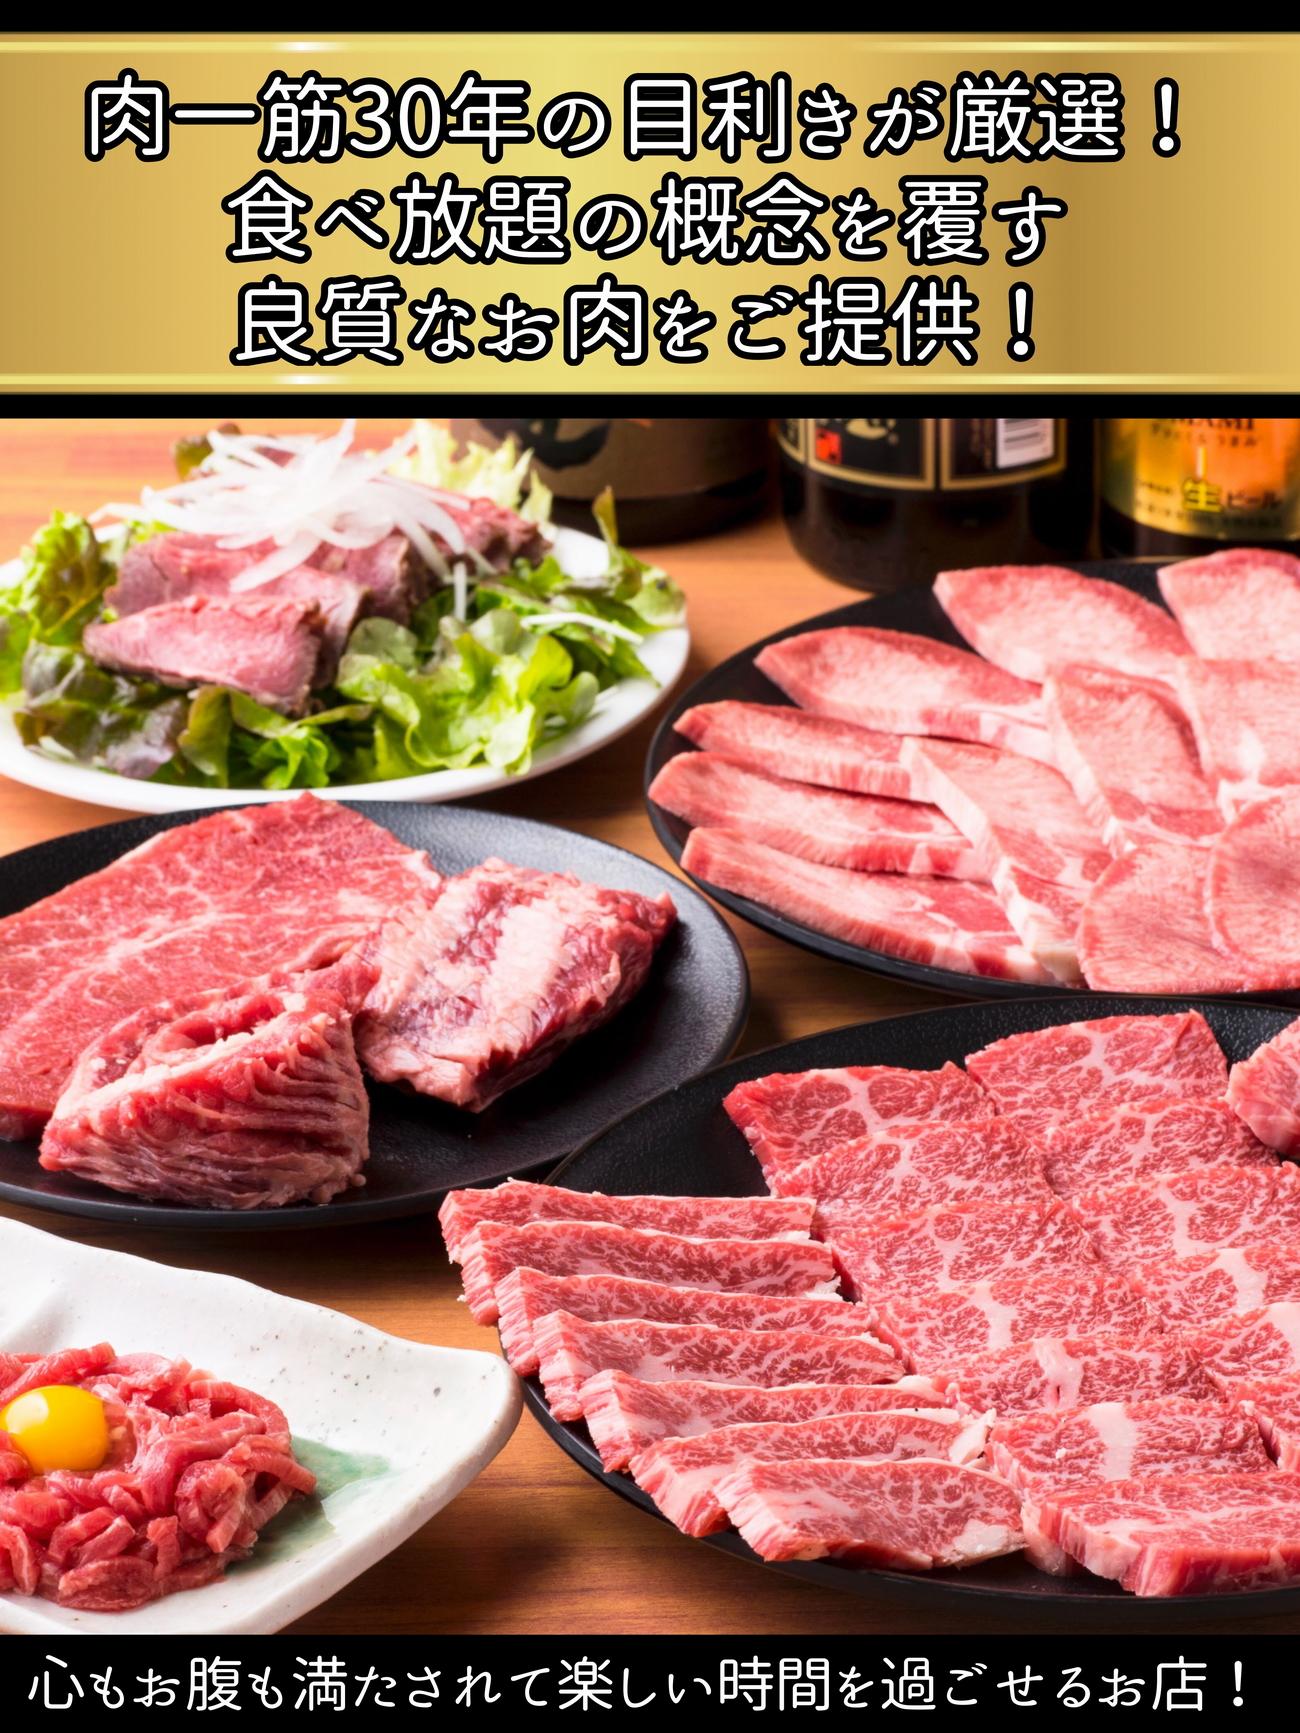 肉一筋30年の目利きが厳選!食べ放題の概念を覆す、良質なお肉をご提供!心もお腹も満たされて楽しい時間を過ごせるお店!